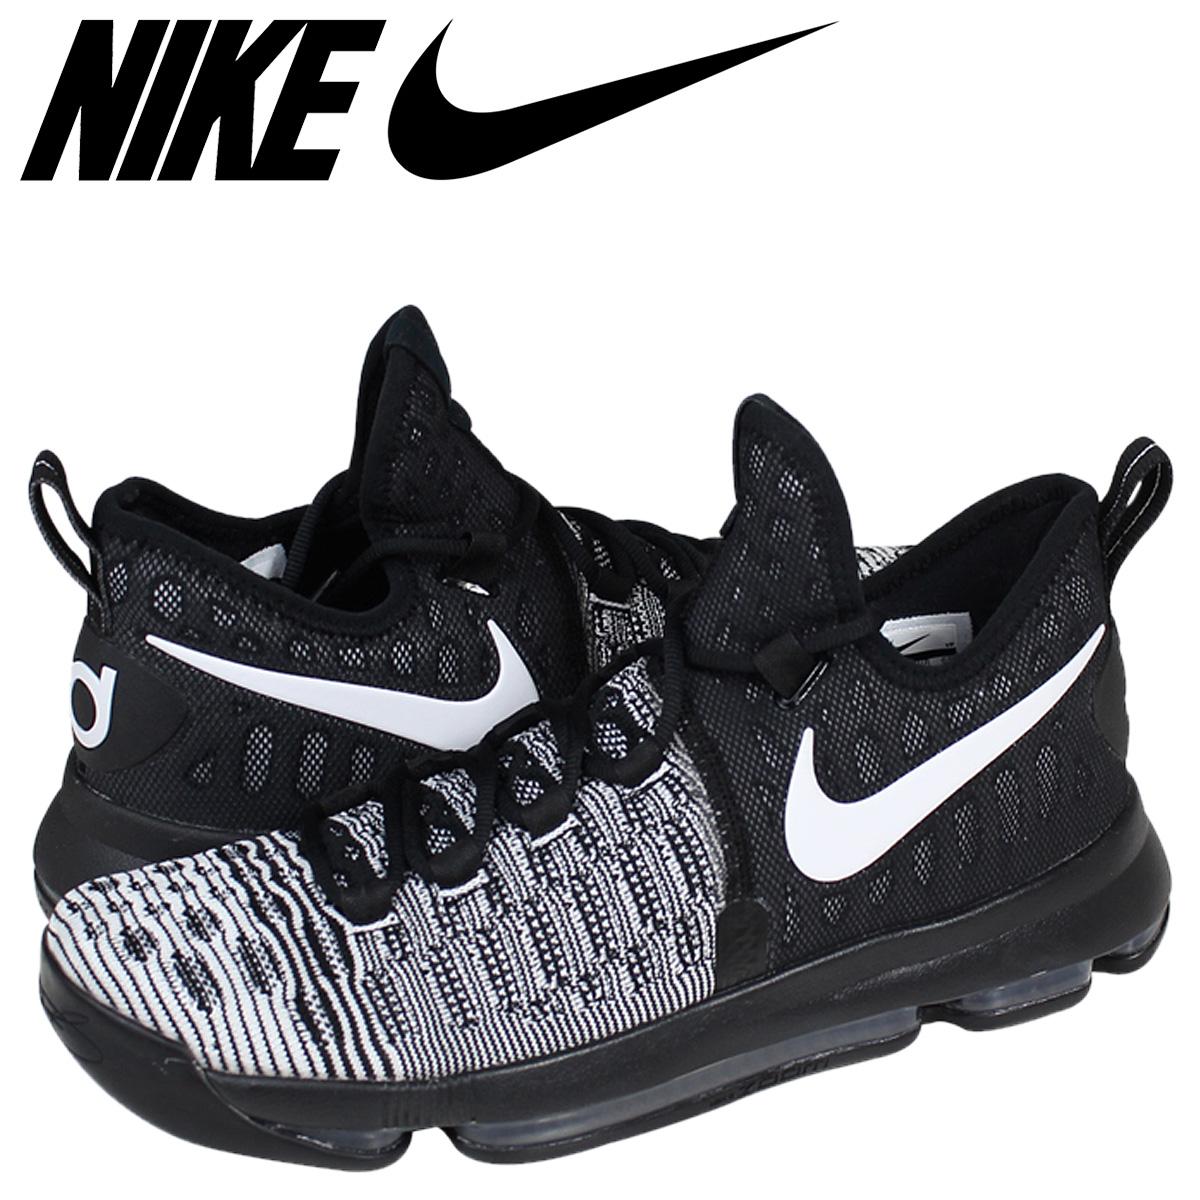 save off 8dc85 f9804 NIKE Nike zoom sneakers ZOOM KD 9 EP 844,382-010 black black men